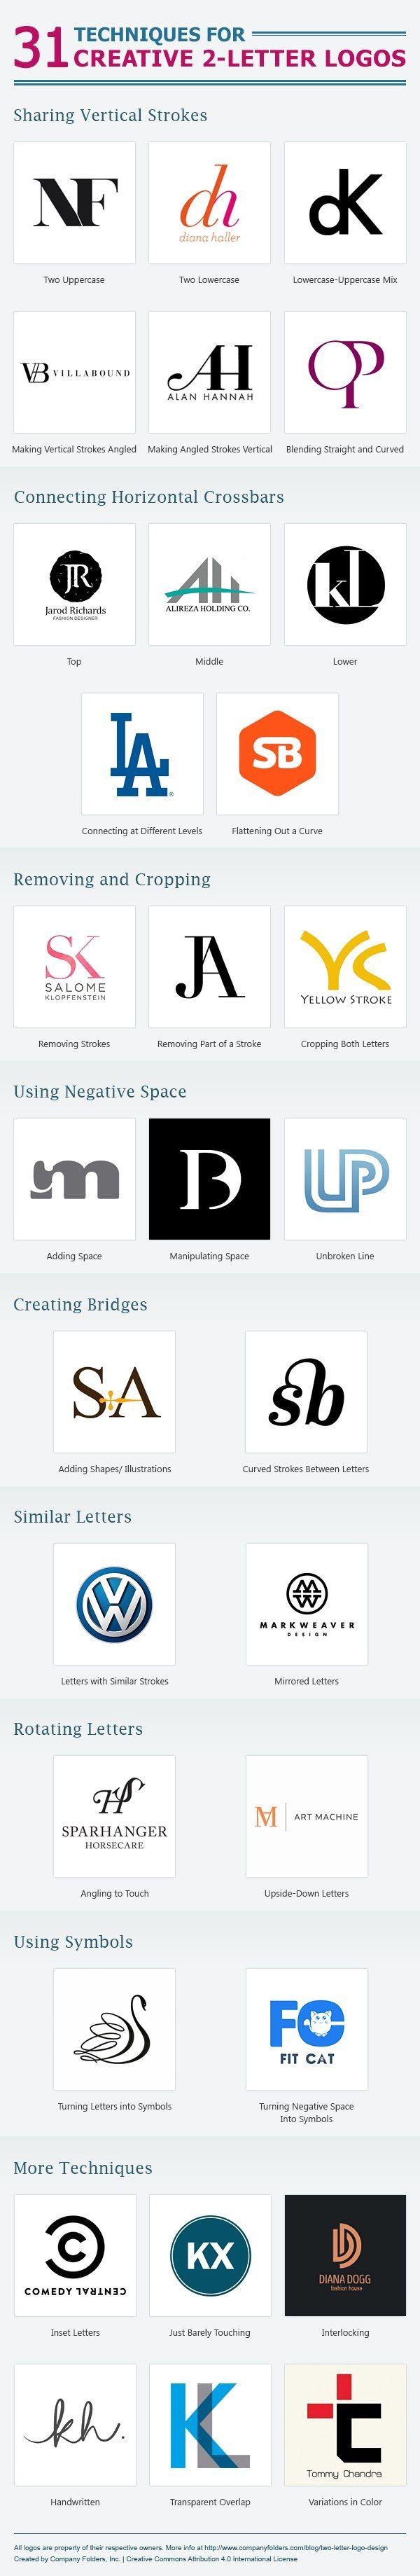 The Art of Two-Letter Logo Design